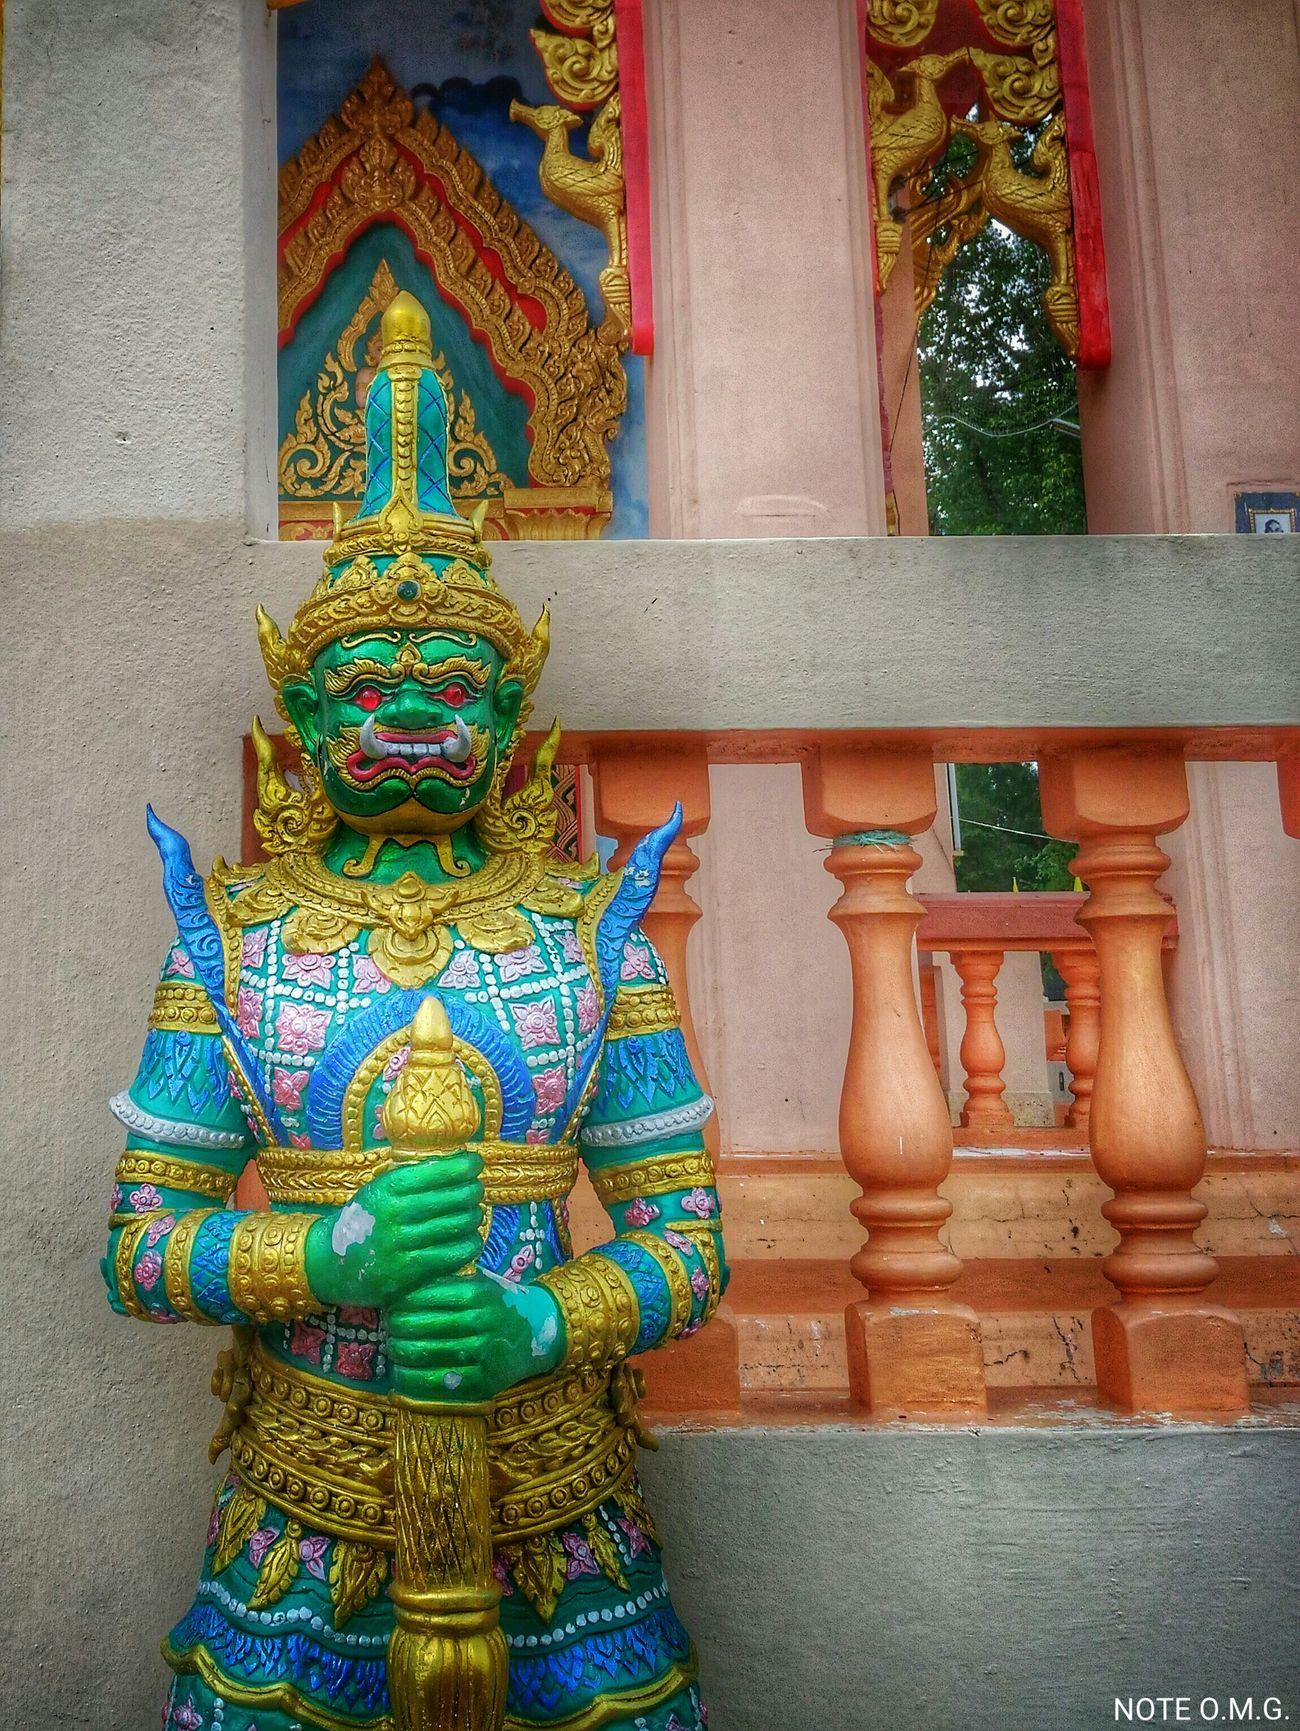 Thailand Noteo.m.g. Buriram